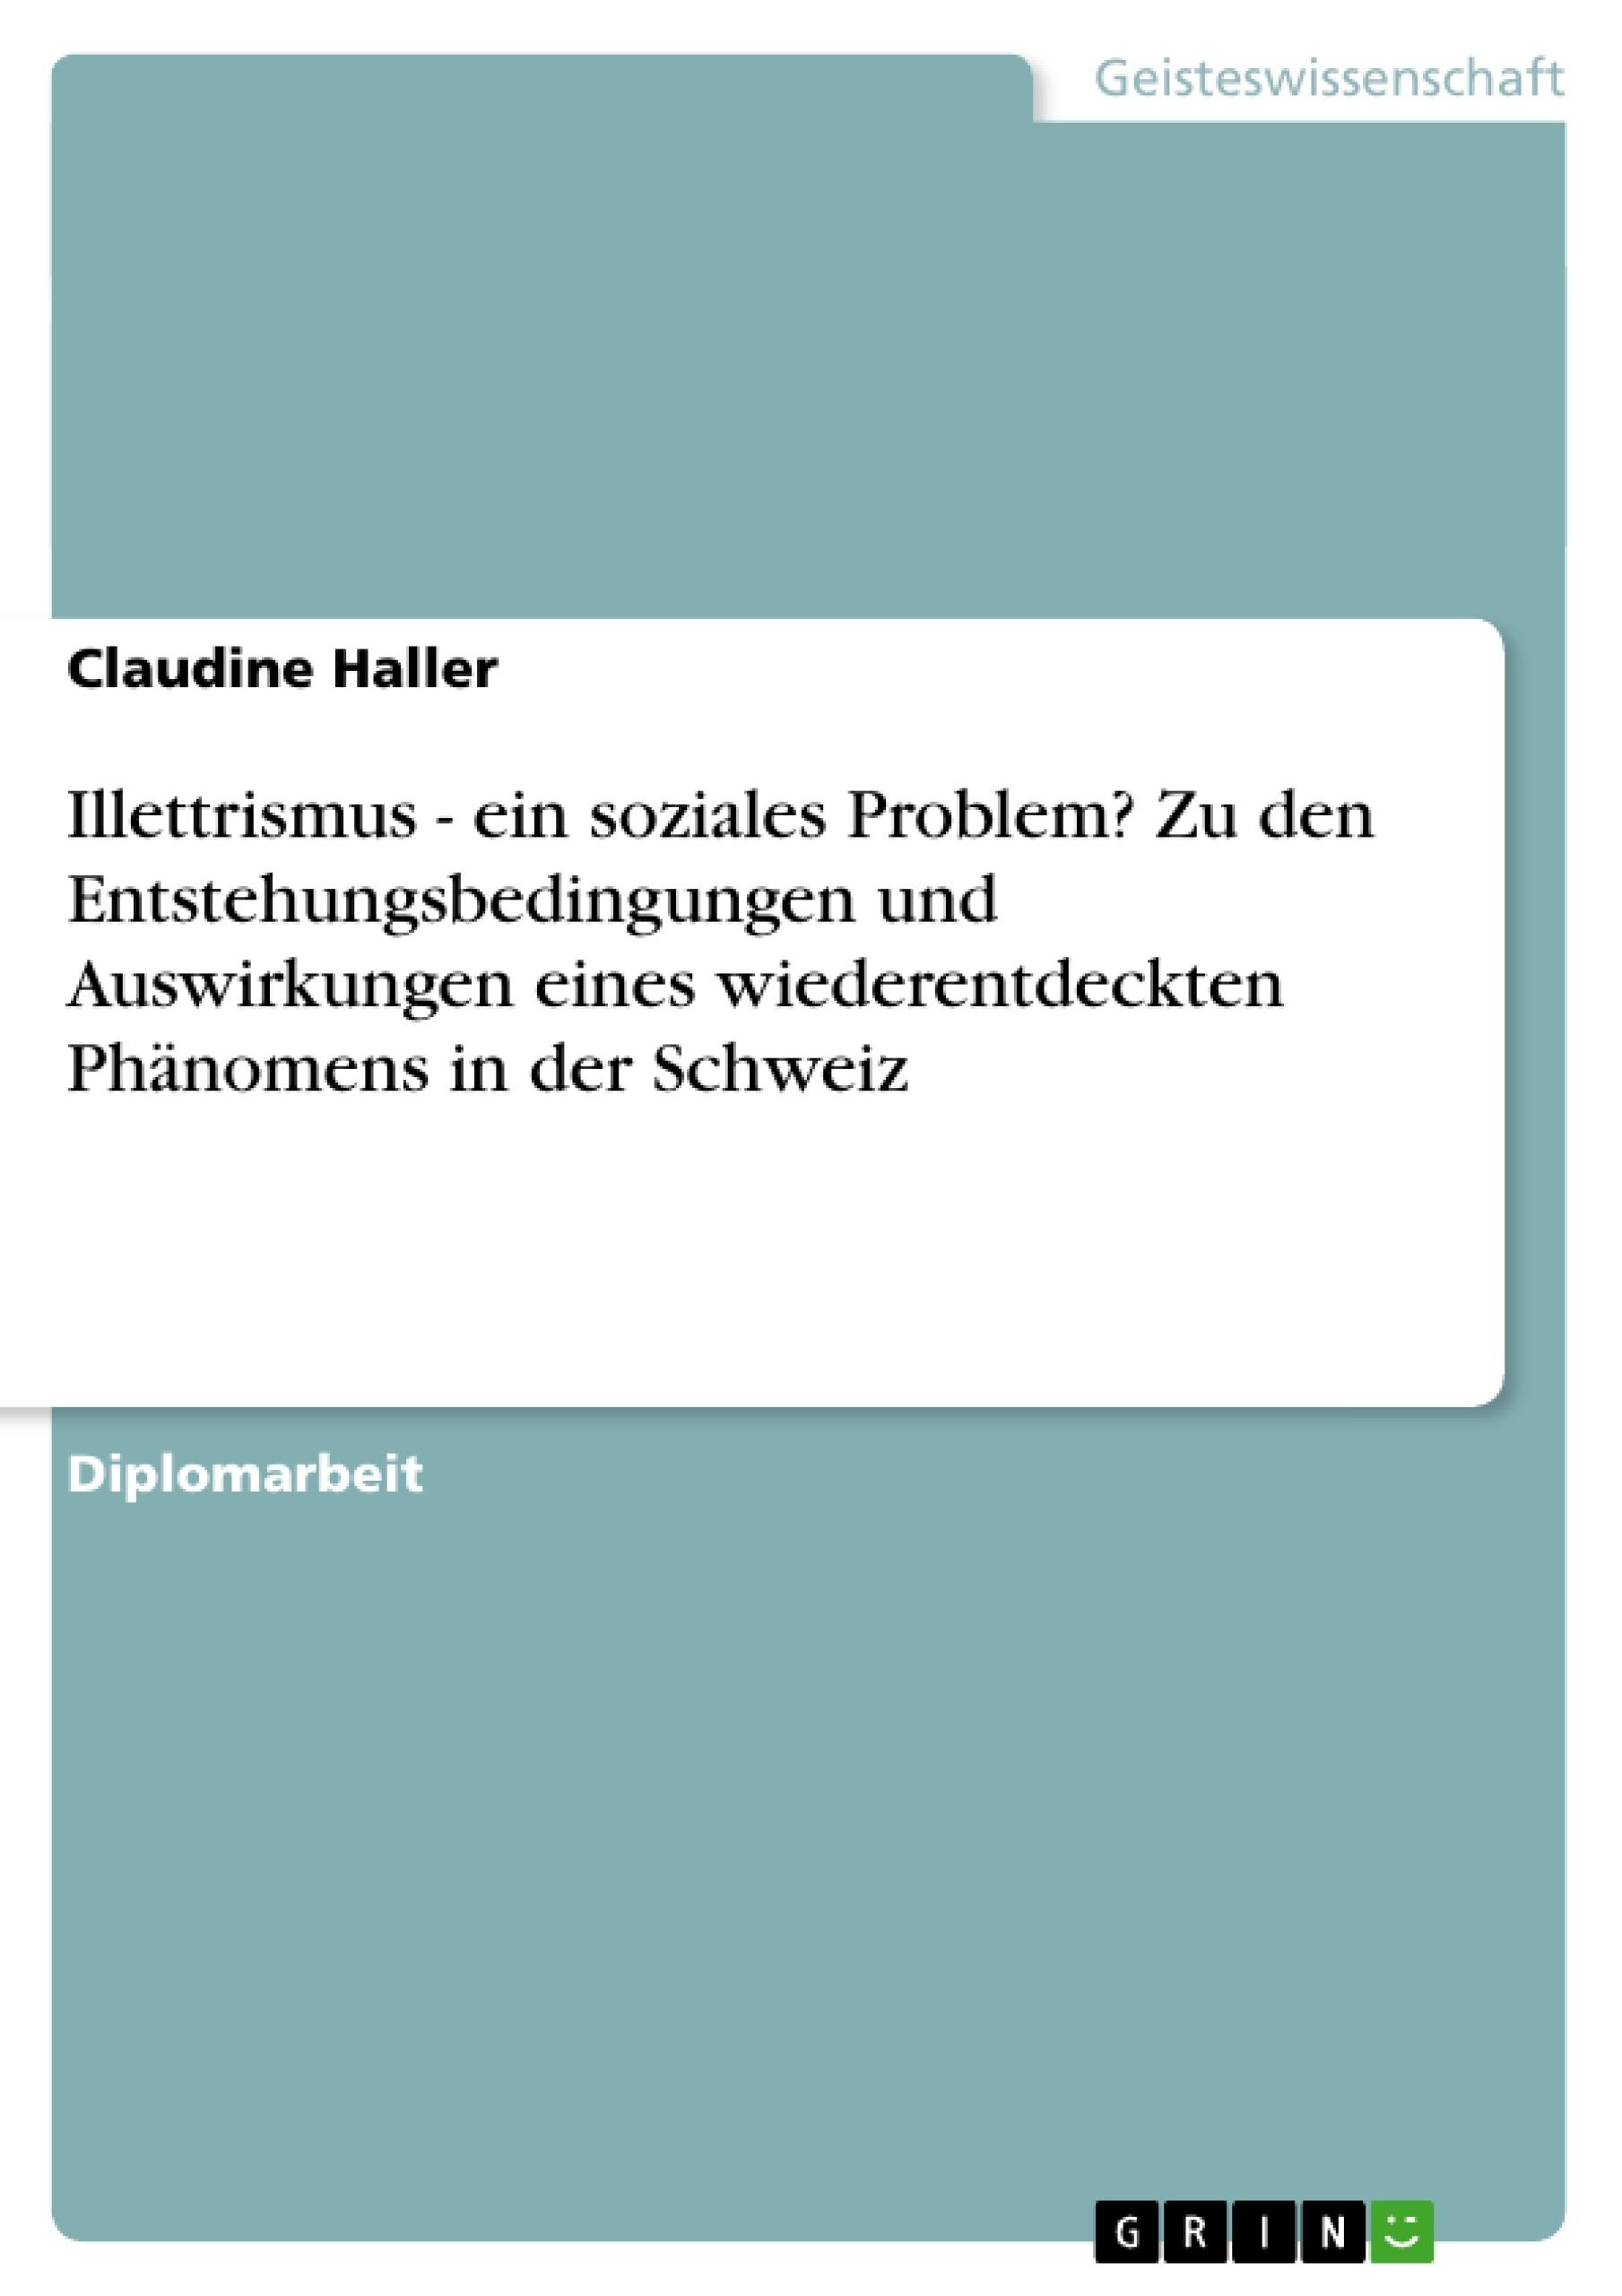 Titel: Illettrismus - ein soziales Problem? Zu den Entstehungsbedingungen und Auswirkungen eines wiederentdeckten Phänomens in der Schweiz